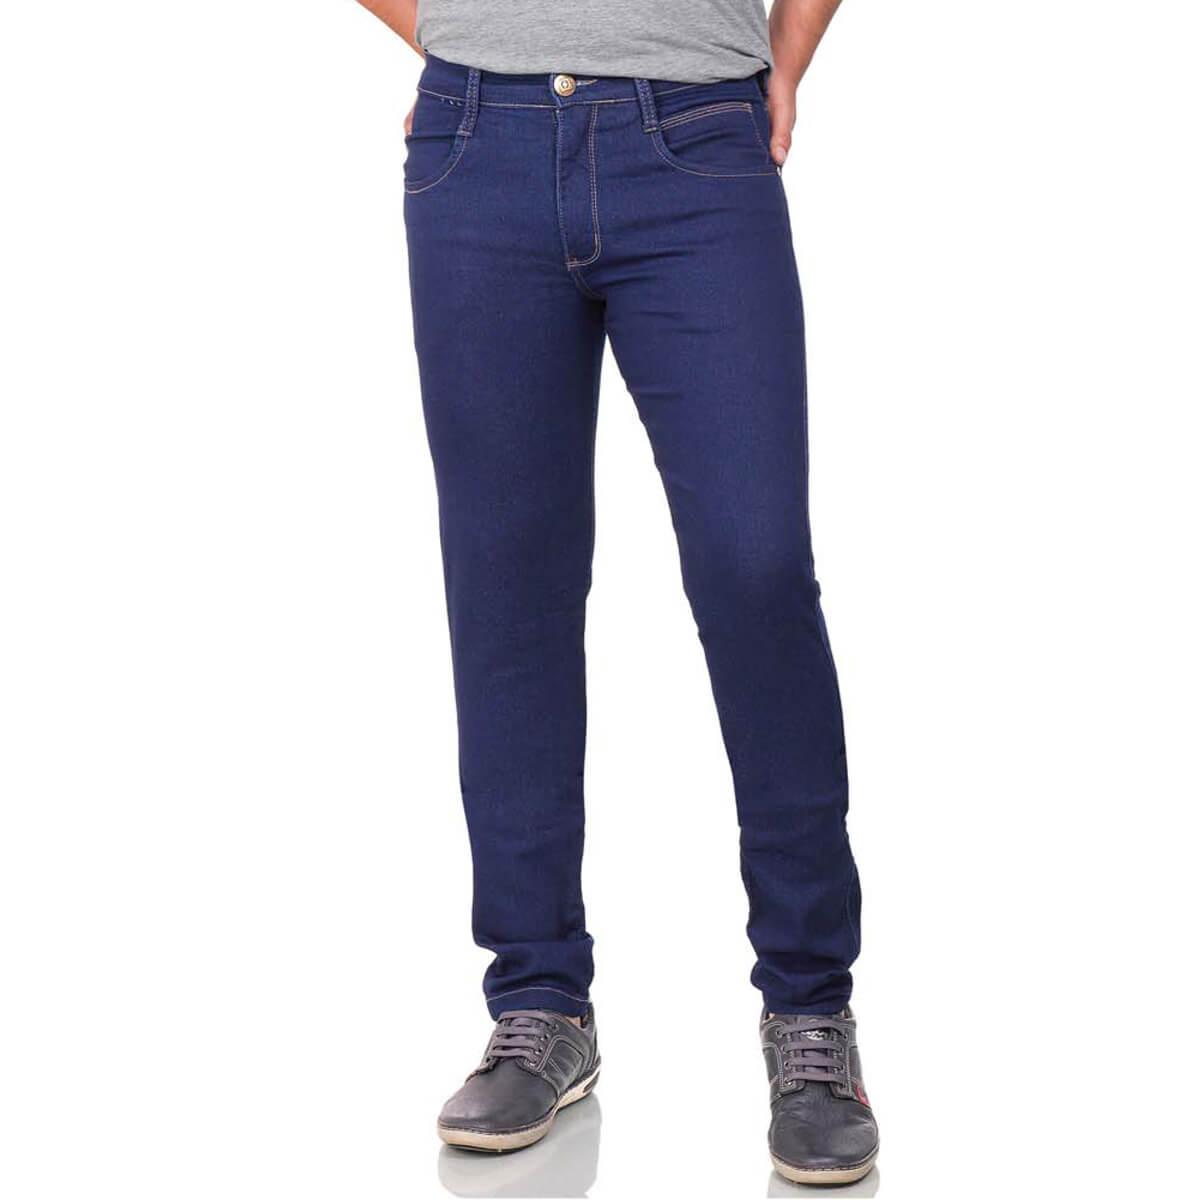 Calça Masculina Jeans Max